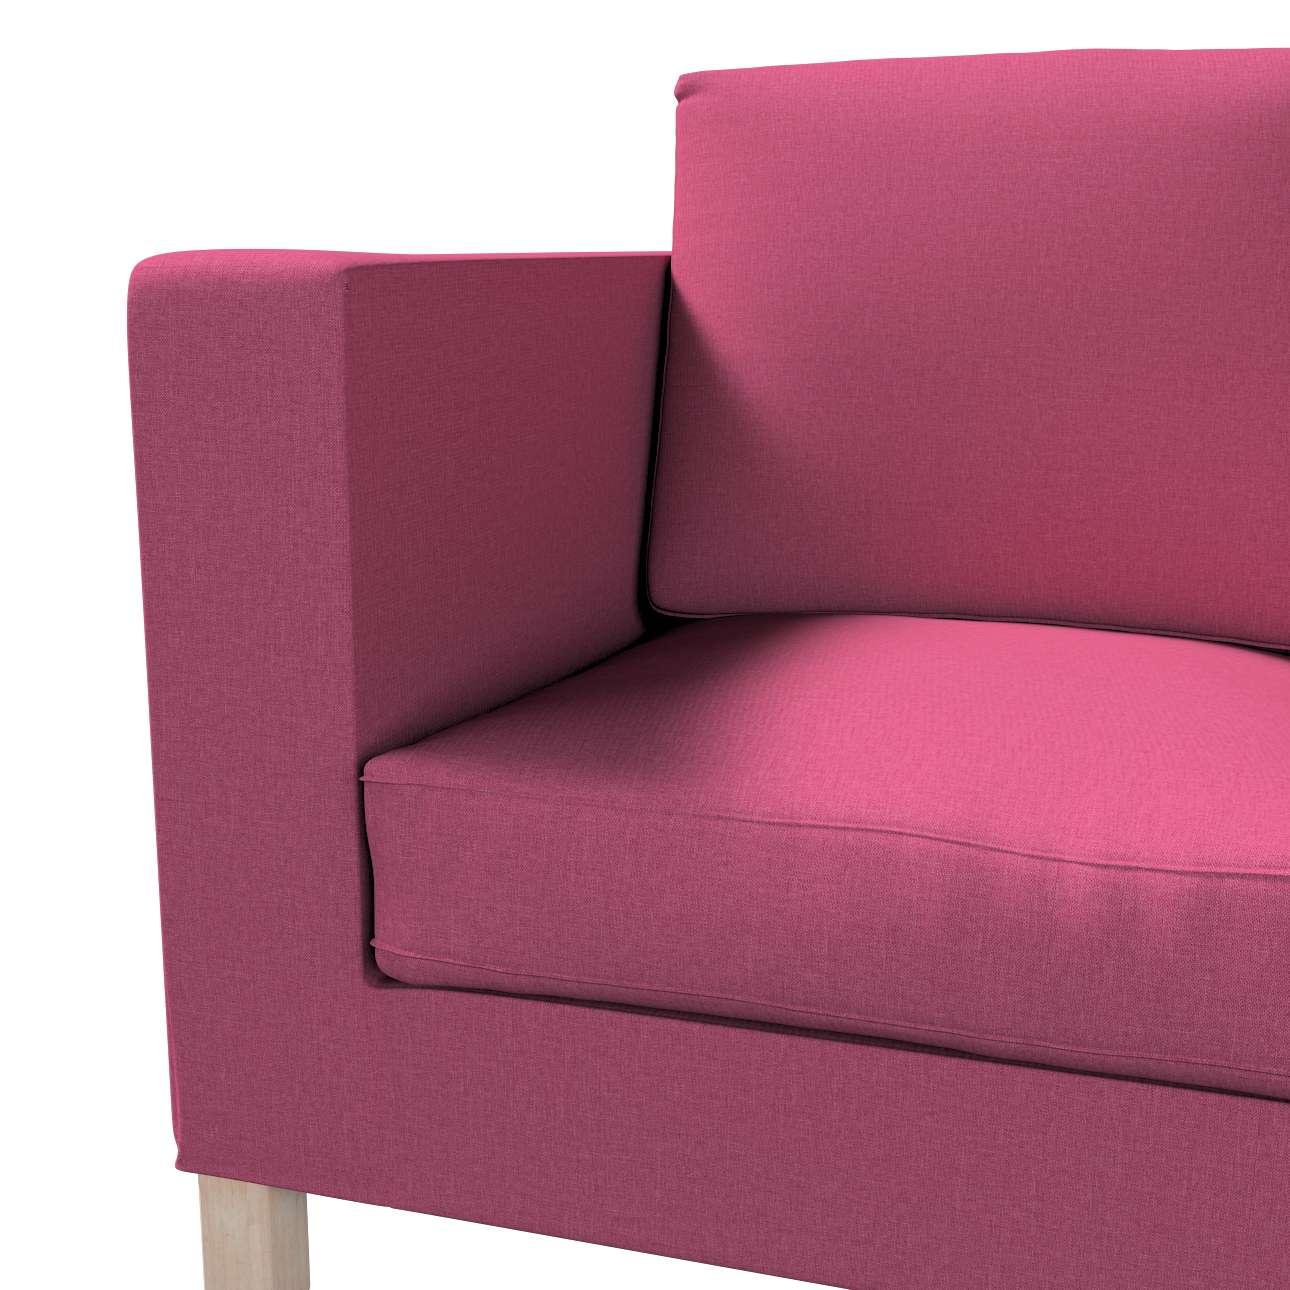 Karlanda klädsel<br>2-sits soffa - kort klädsel i kollektionen Living, Tyg: 160-44